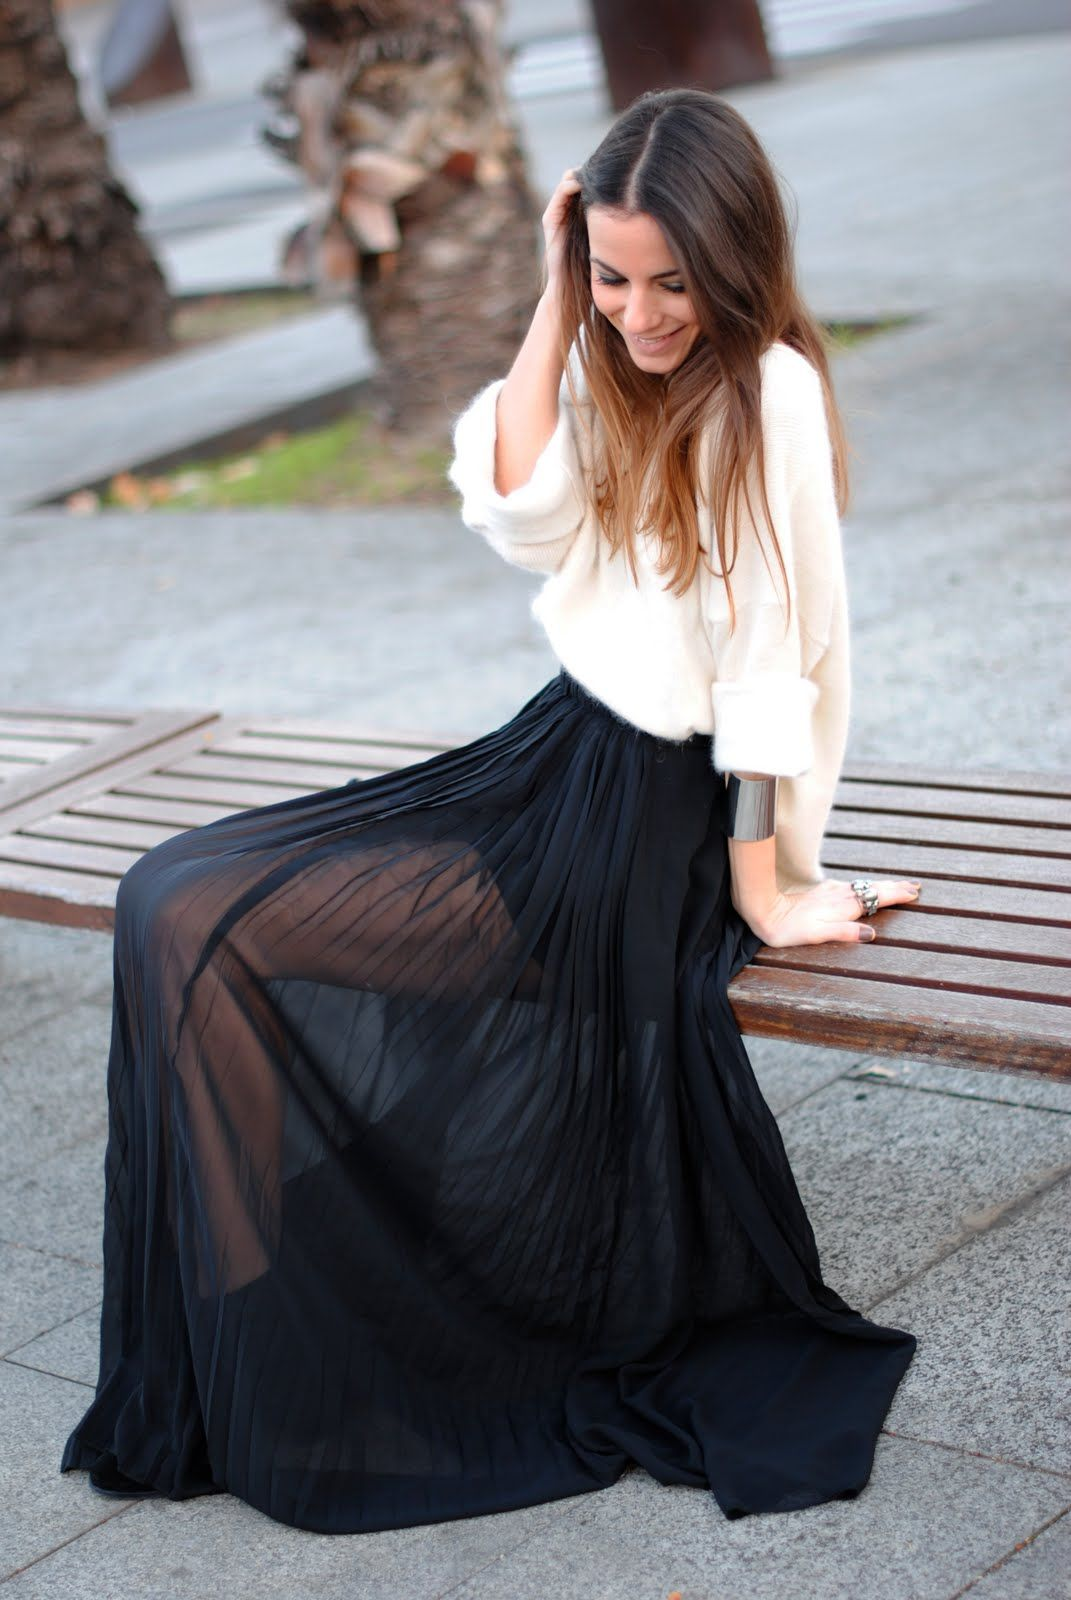 Фото просвечивающая юбка 18 фотография